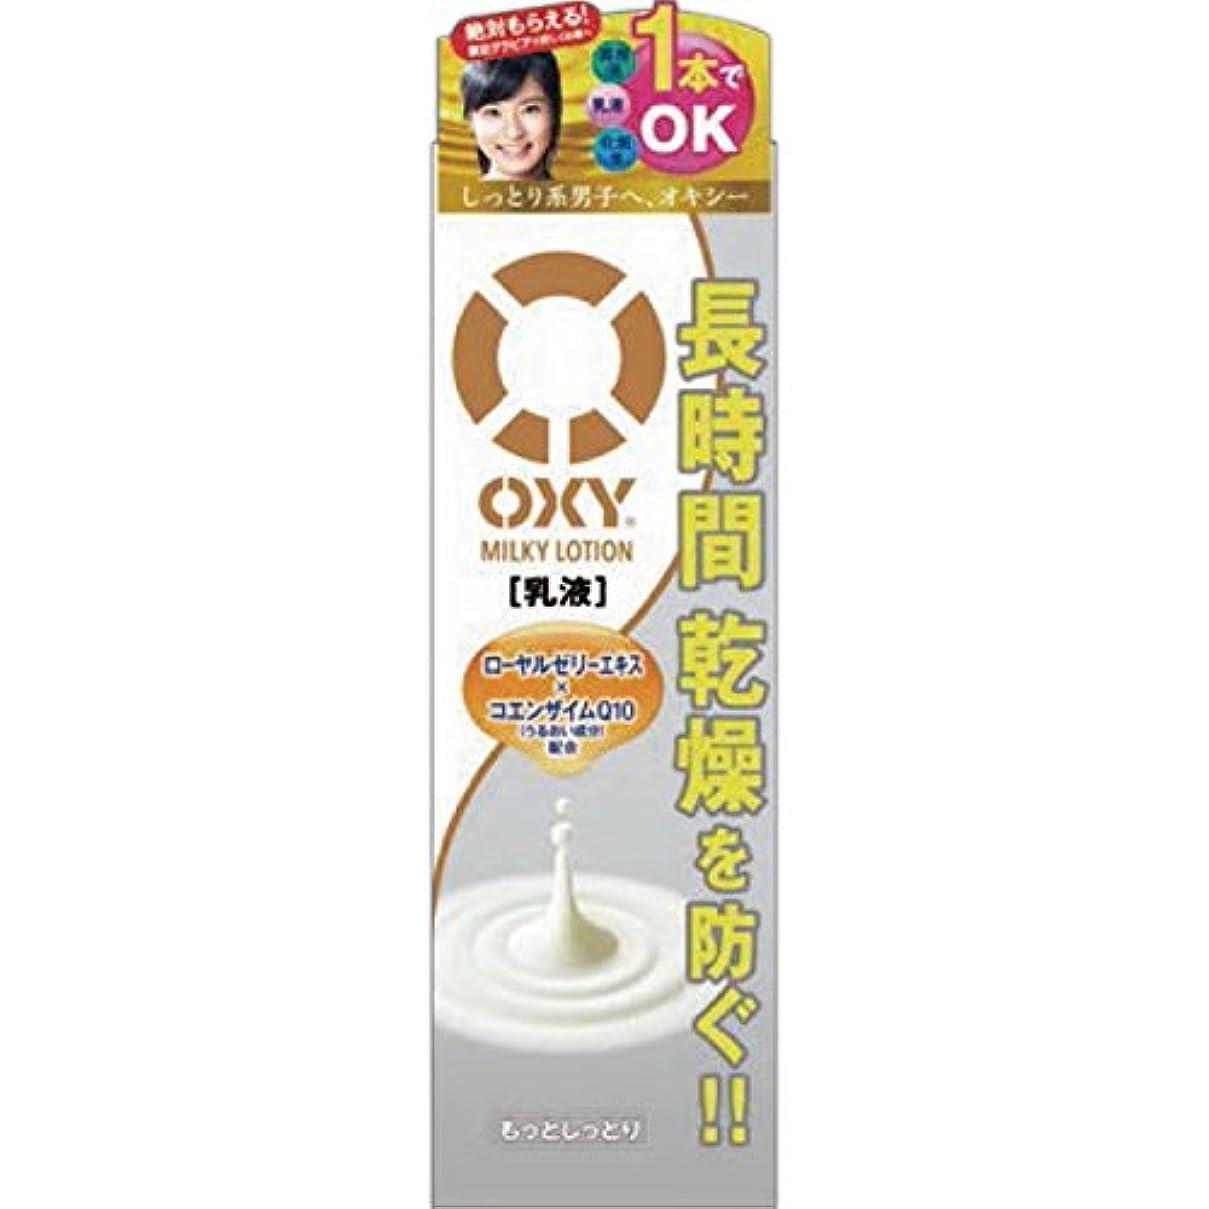 無限リベラルロマンスオキシー (Oxy) ミルキーローション オールインワン乳液 スーパーヒアルロン酸×ローヤルゼリー配合 ゼラニウムの香 170mL